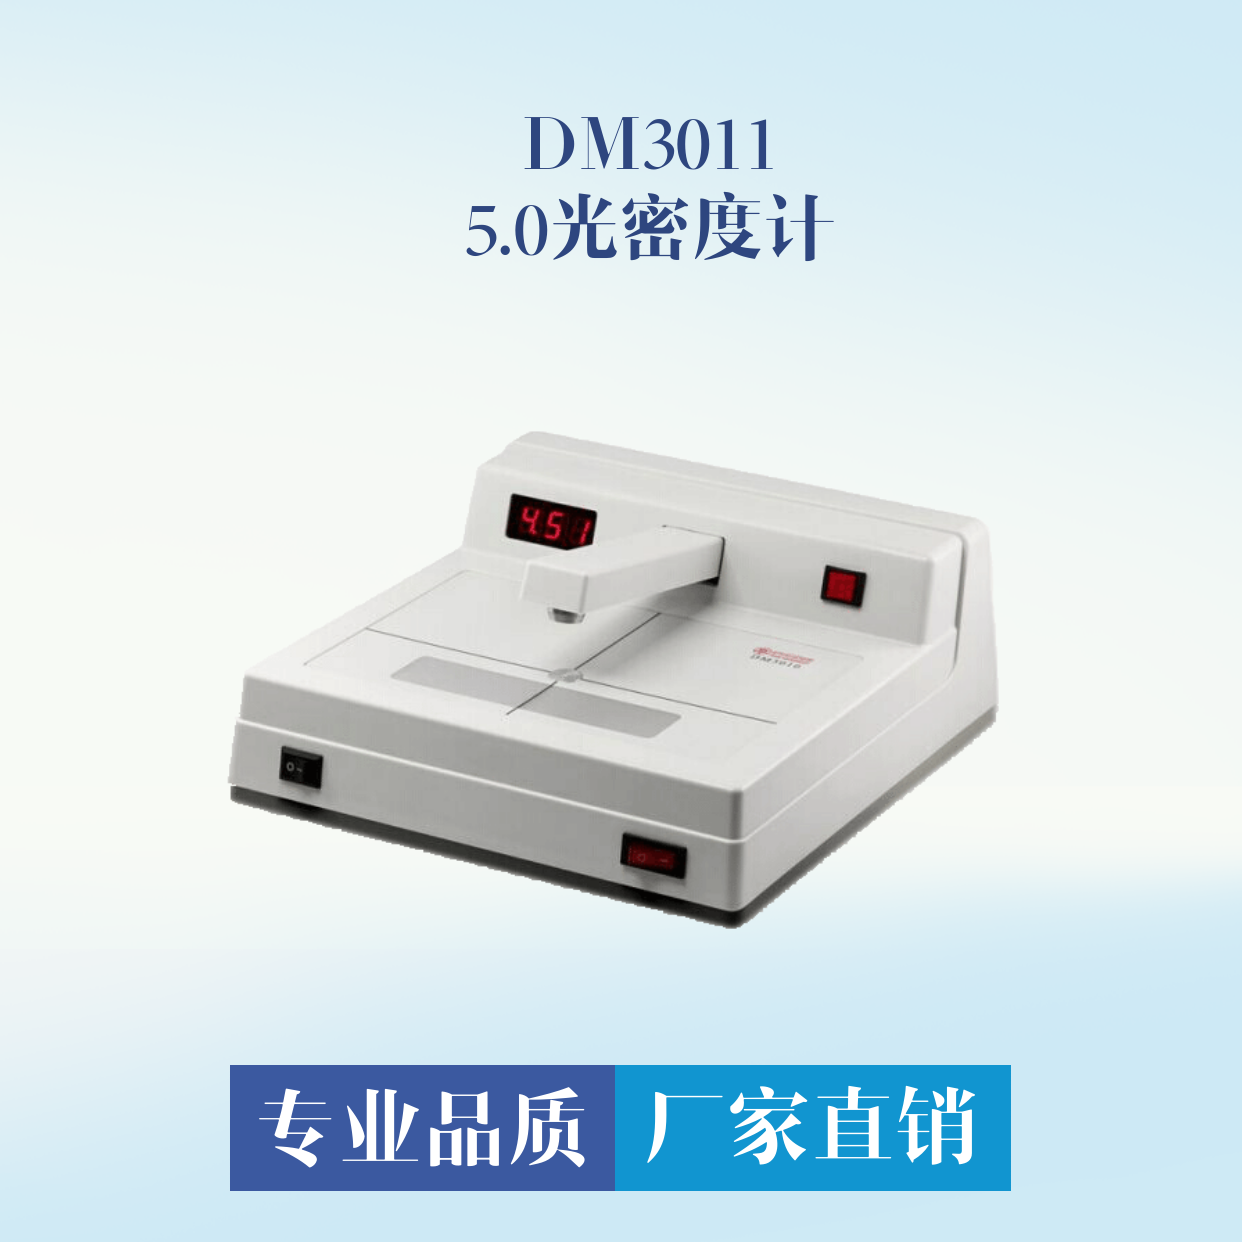 DM3011 5.0黑白密度计